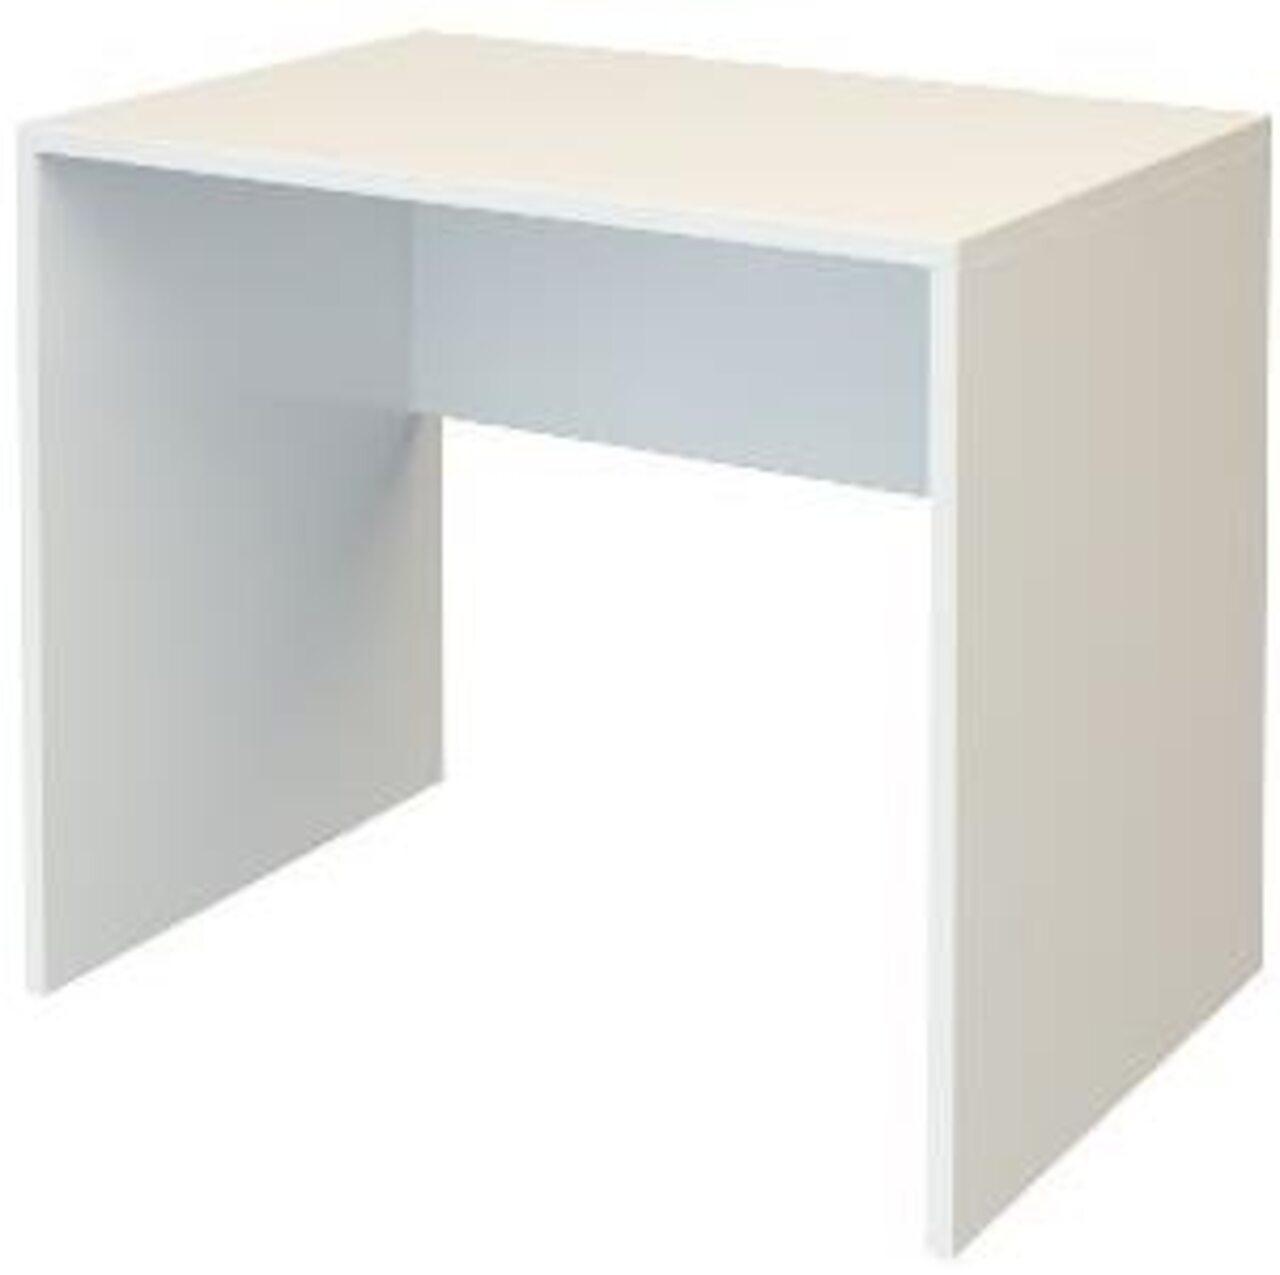 Стол рабочий  Арго 90x60x76 - фото 5